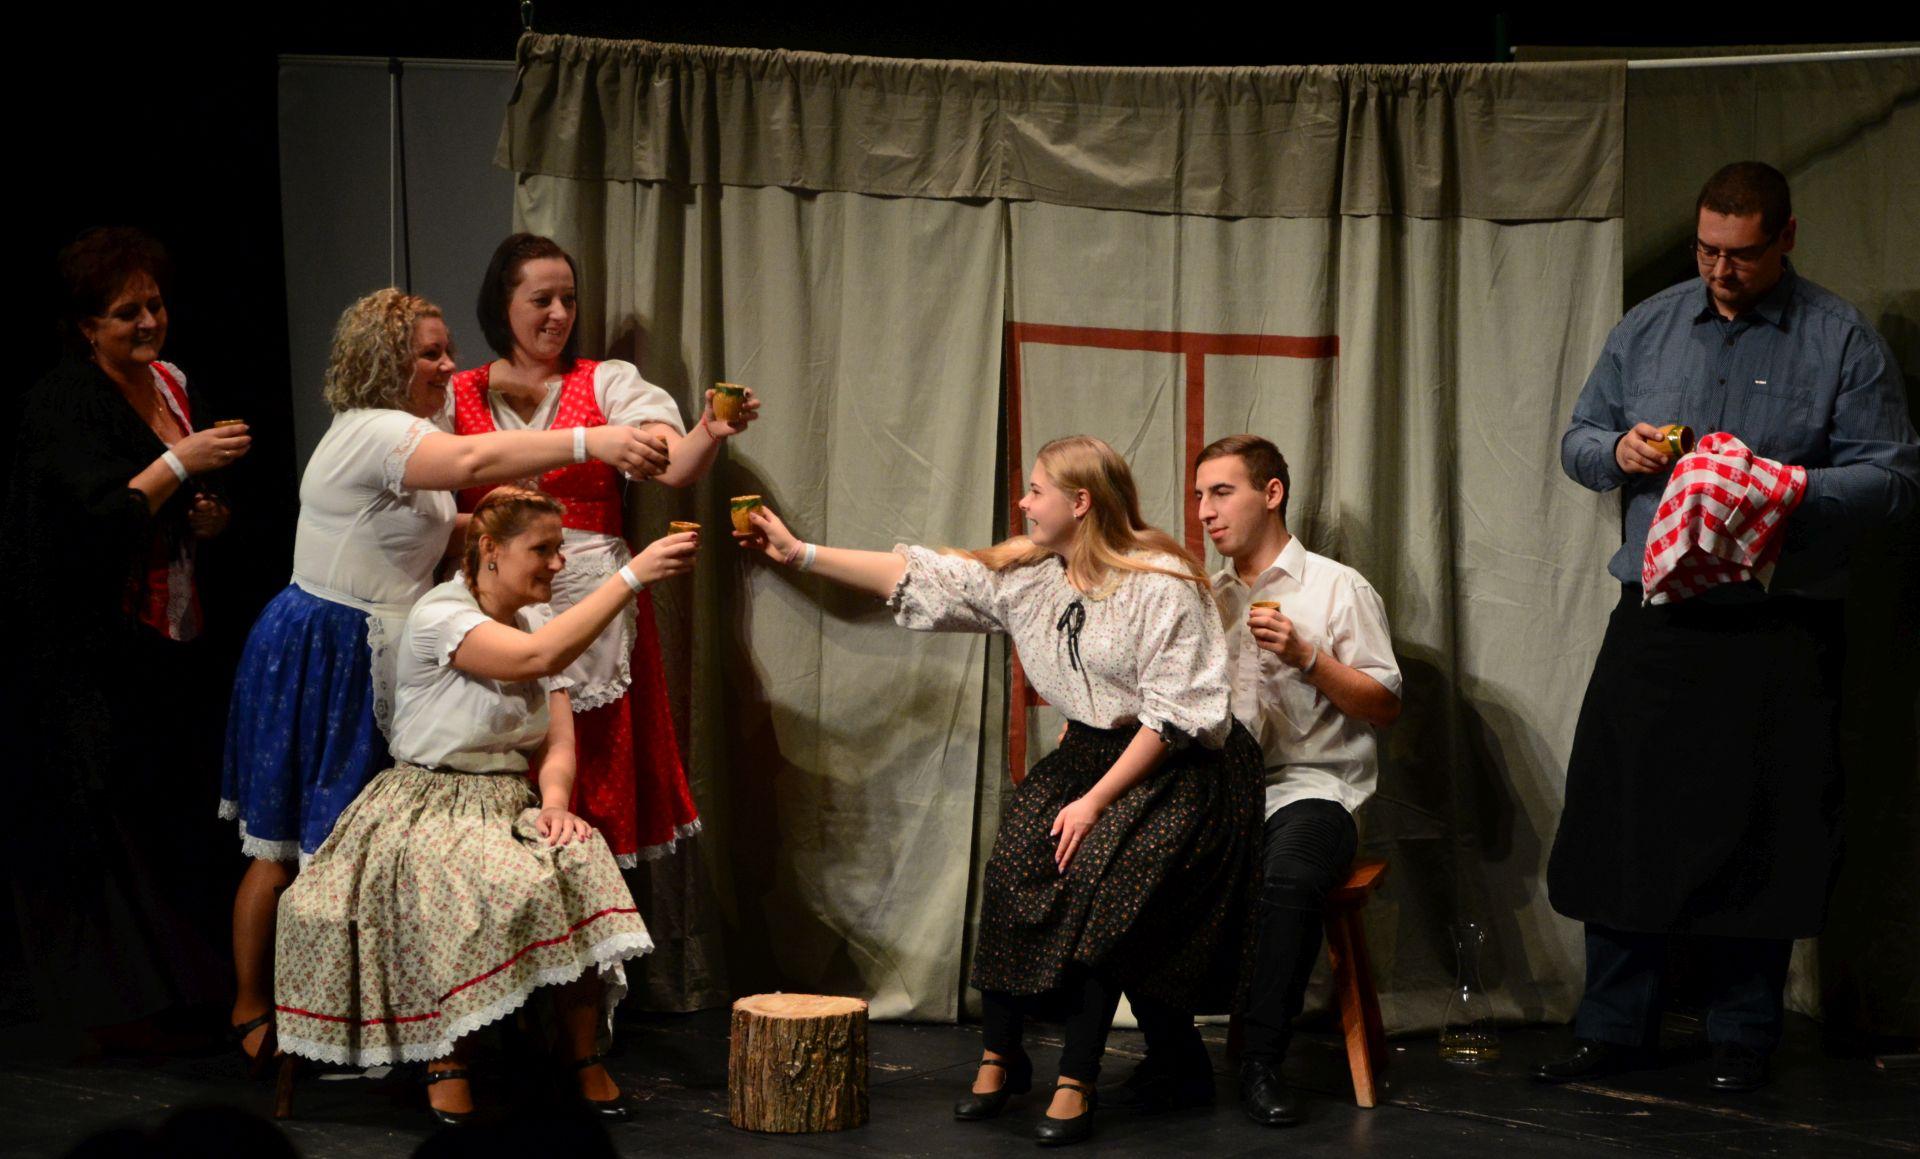 Remek hangulat és sokszínűség a IV. Pajtaszínházi Szemlén